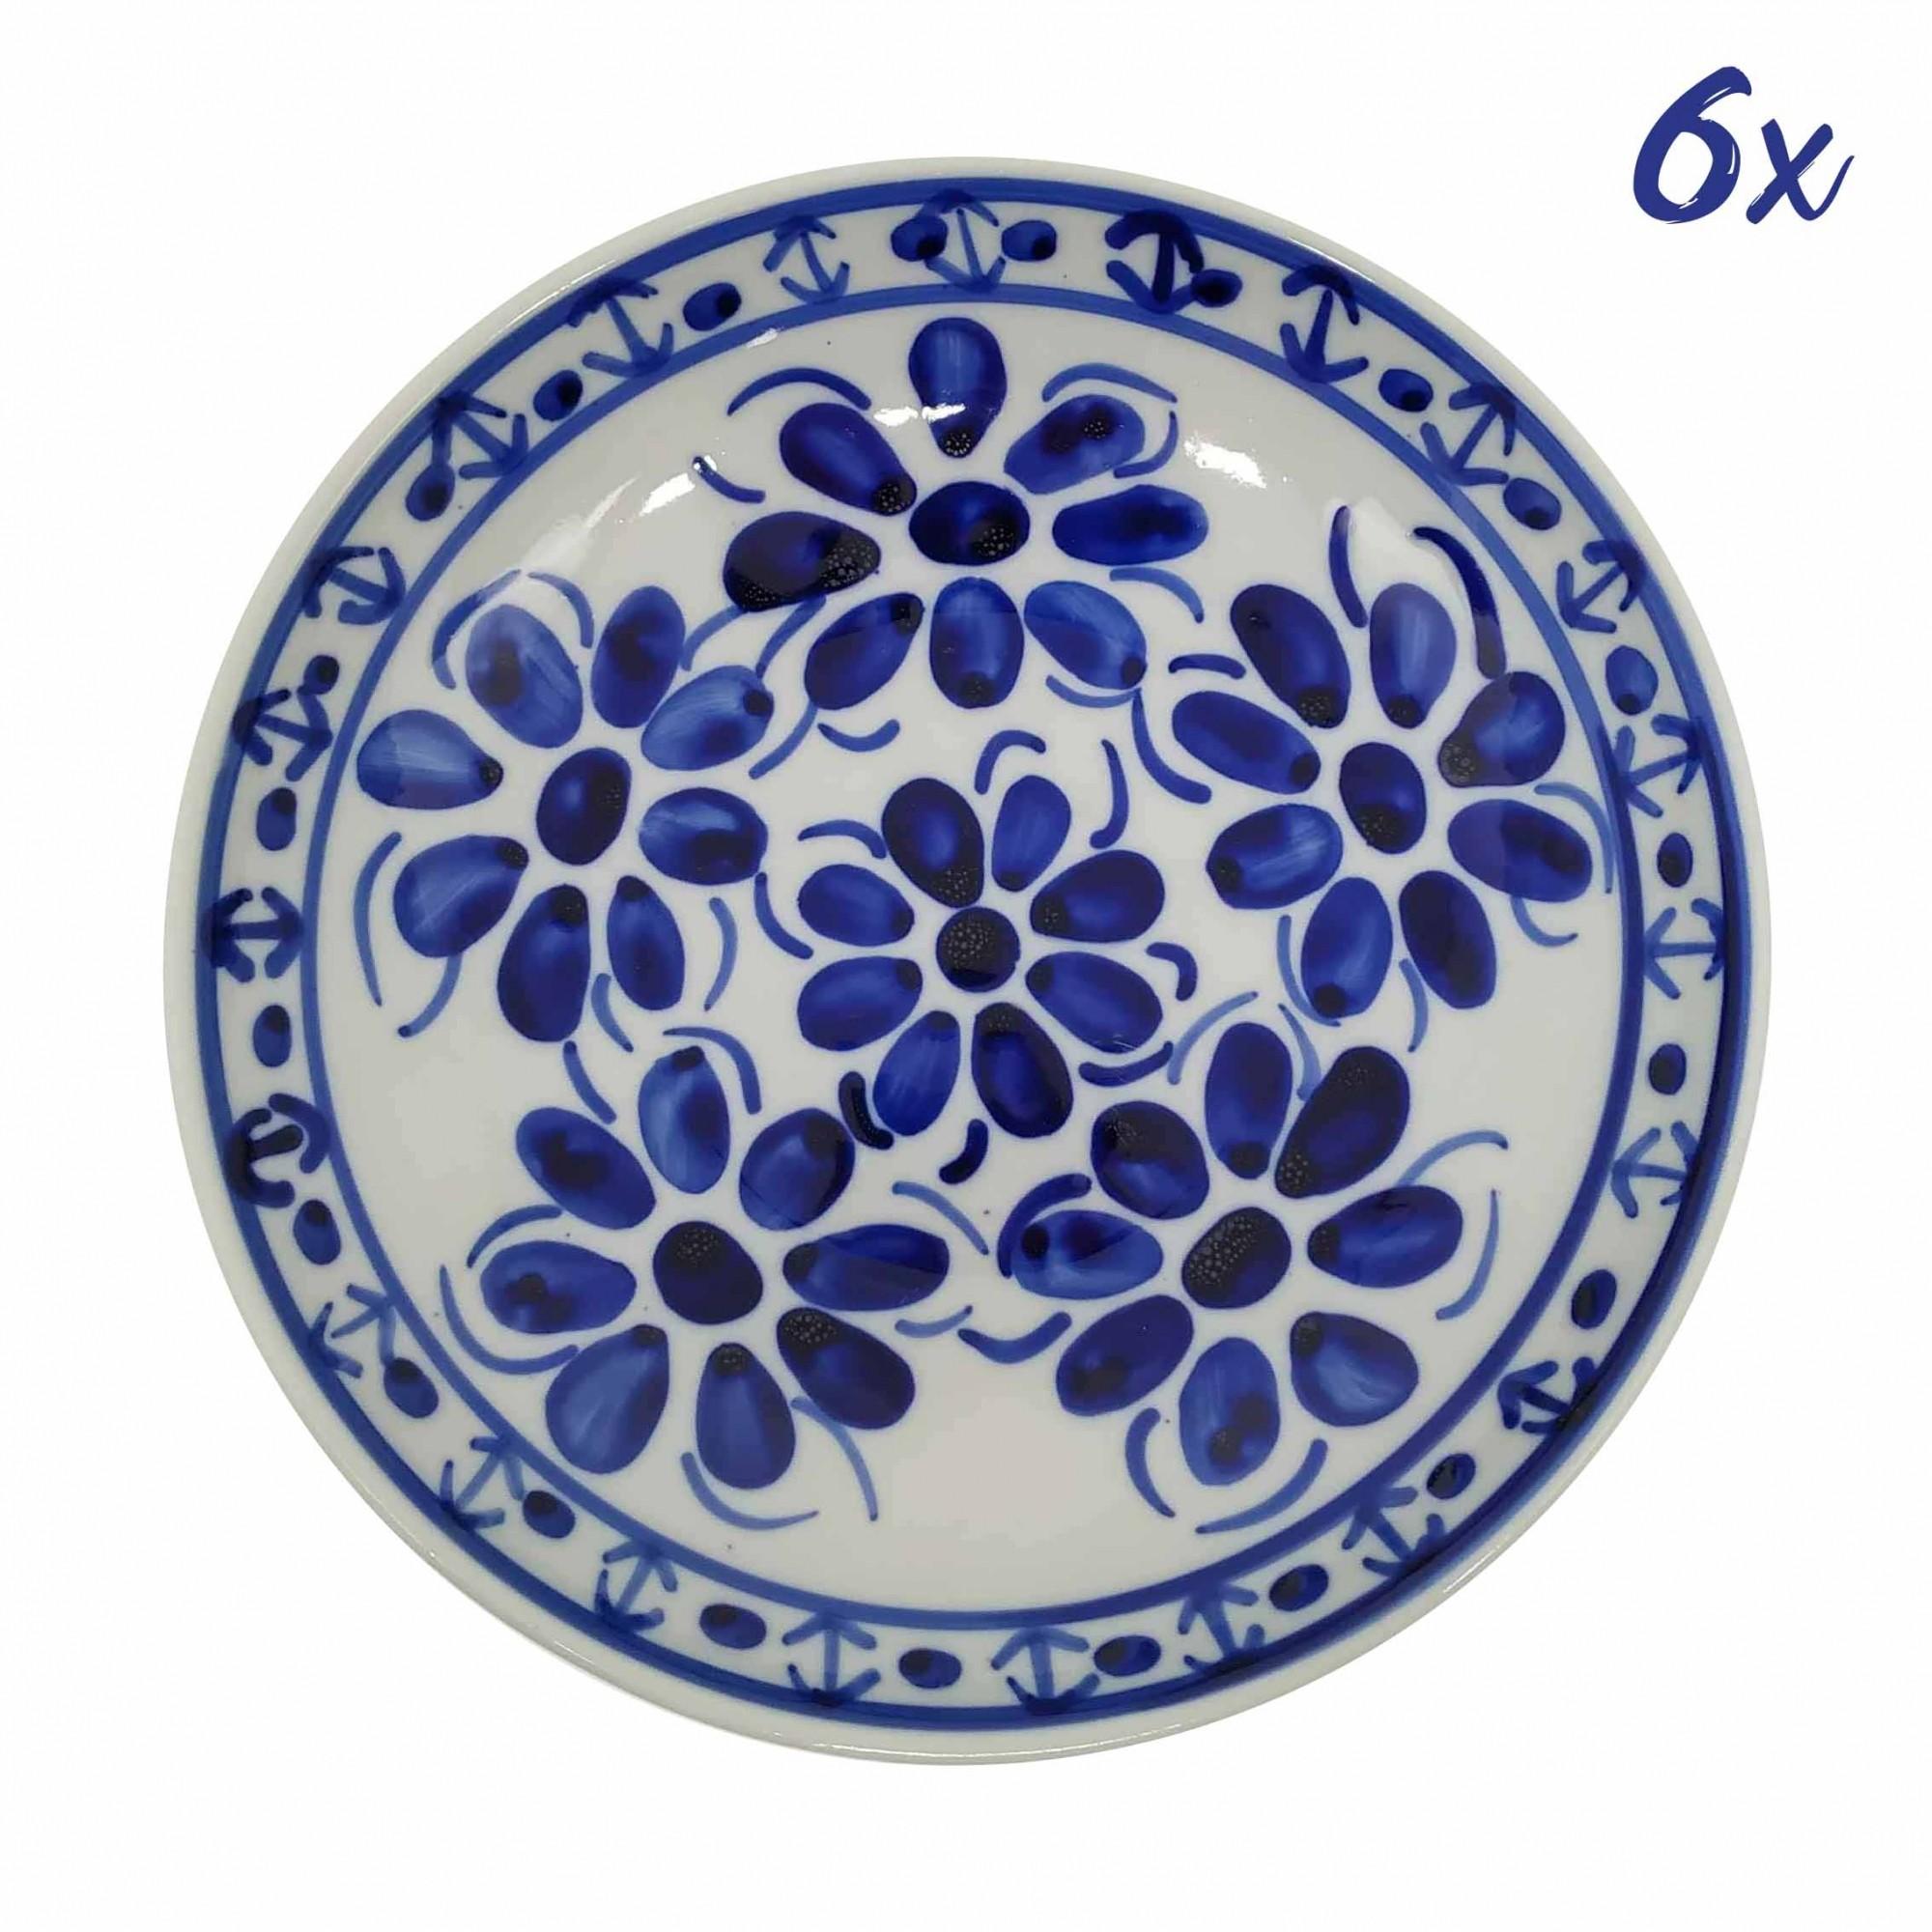 Jogo de 6 Pratos Fundos 22,5 cm Porcelana Azul Colonial